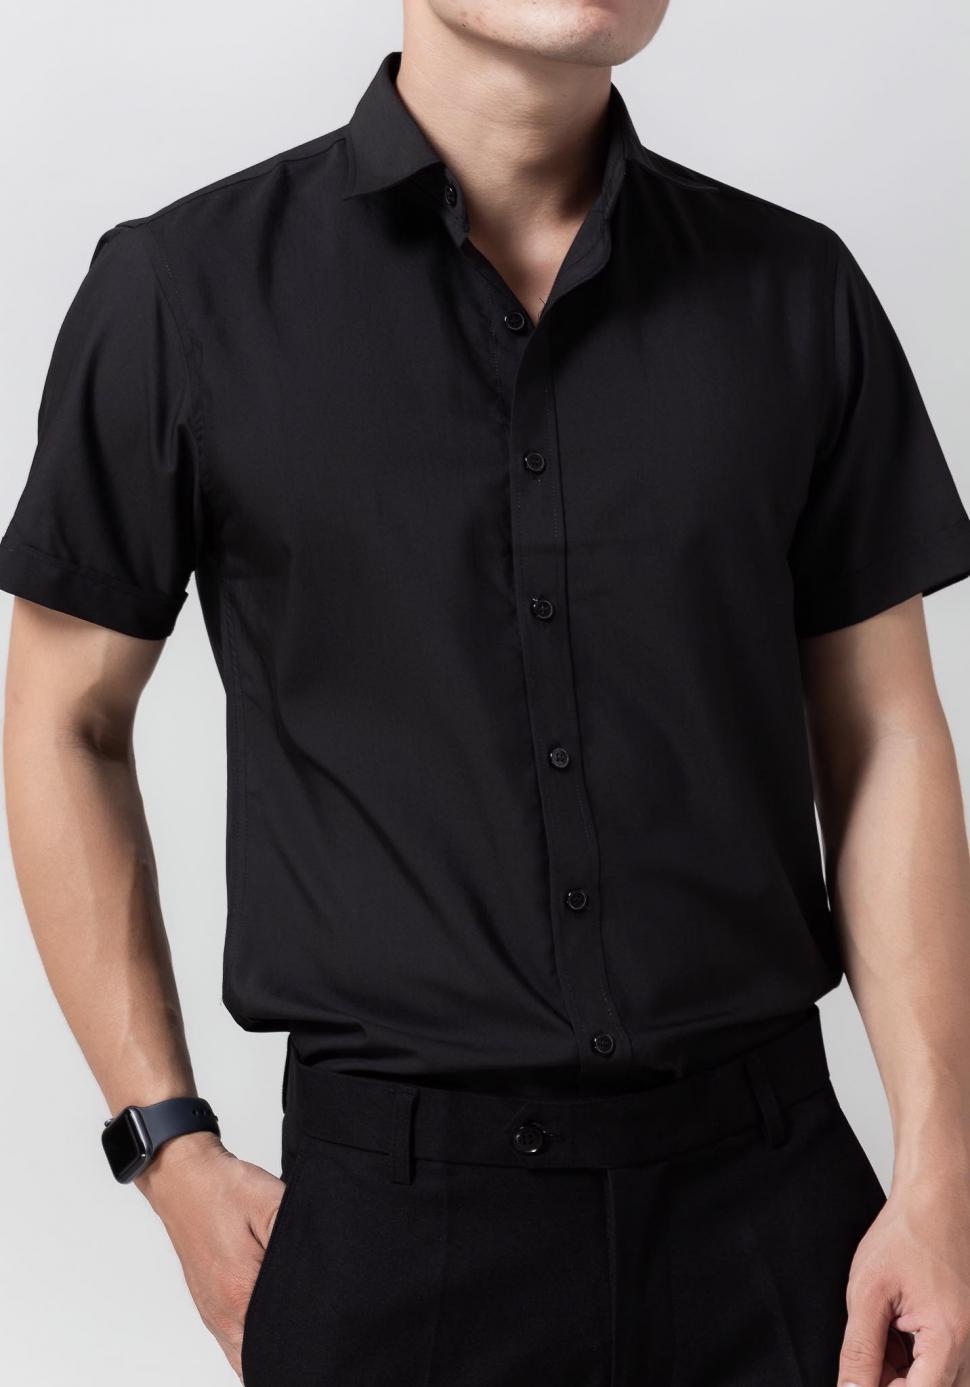 Đồng phục áo sơ mi tay ngắn màu đen